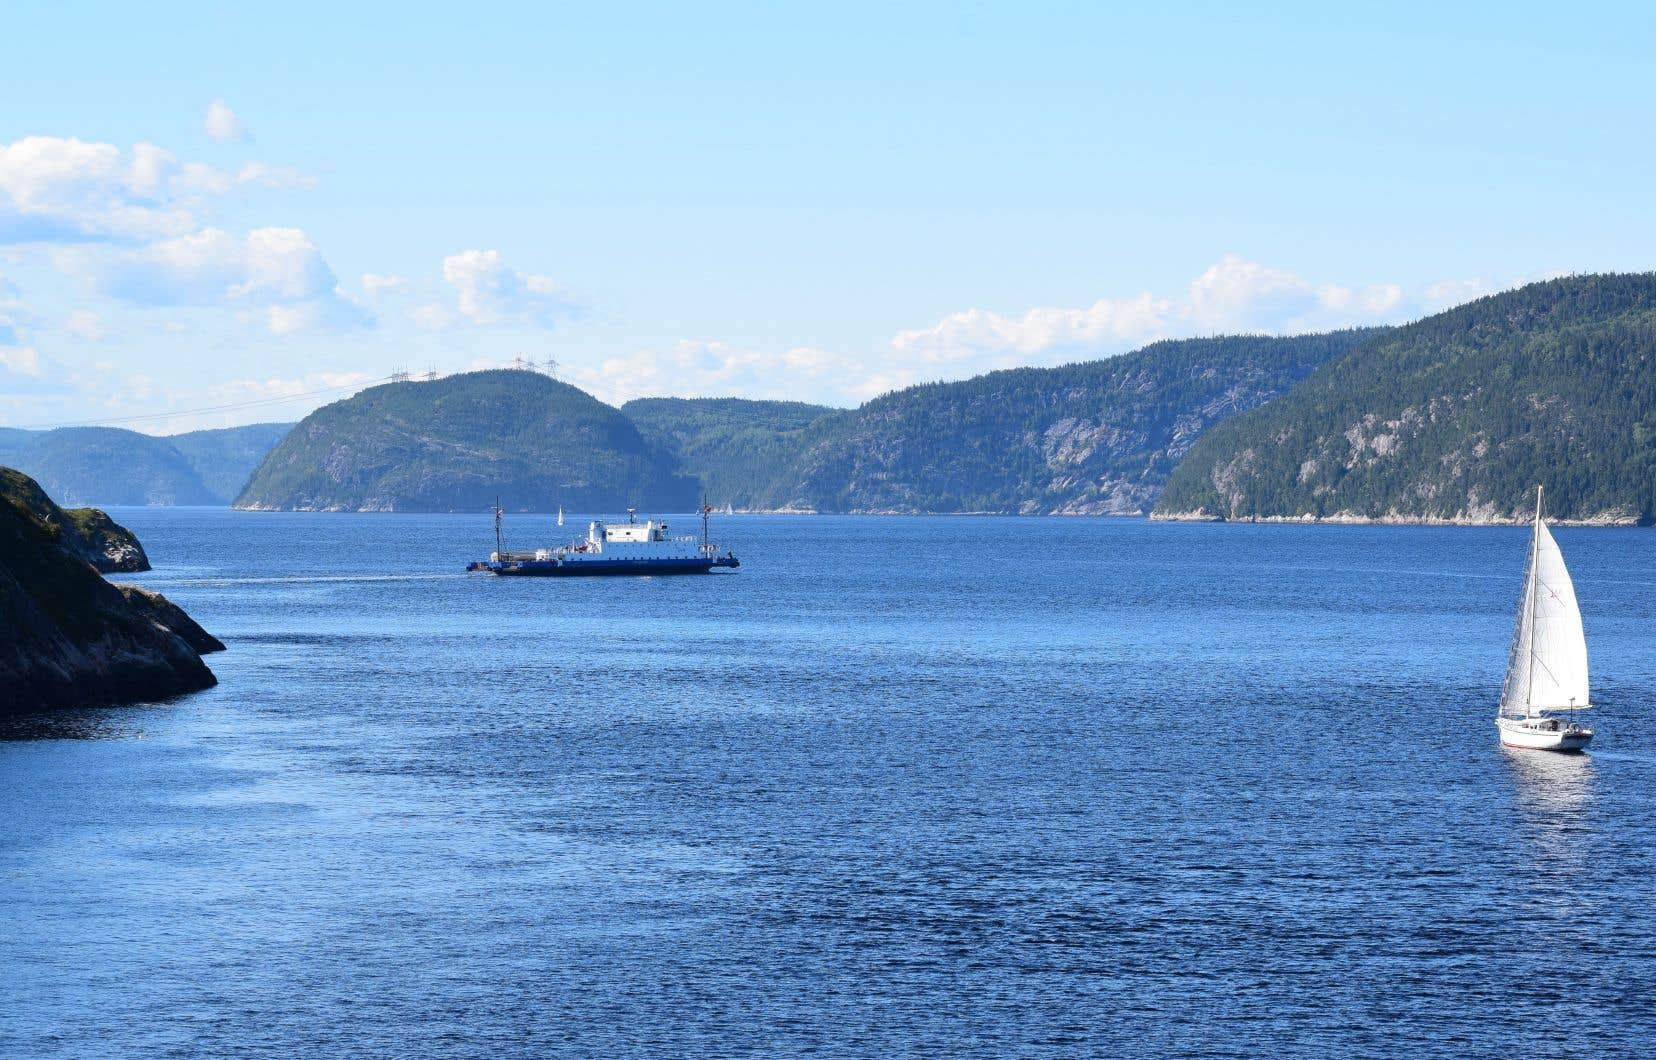 Les économistes québécois émettent de sérieux doutes sur les promesses de retombées économiques au Saguenay–Lac-Saint-Jean.